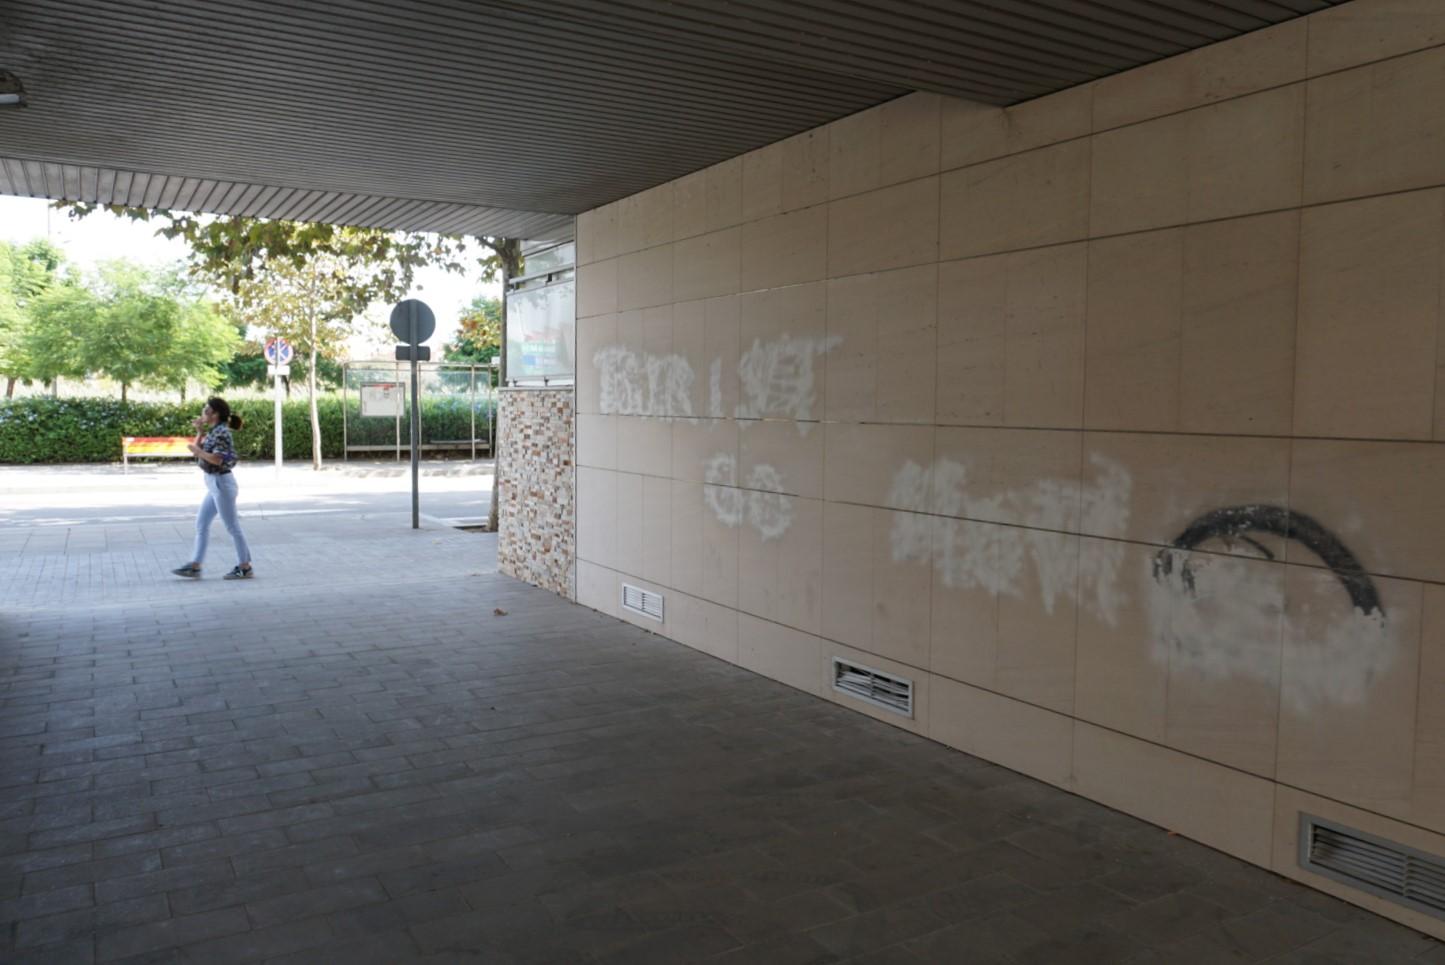 Pintada esborrada contra els turistes a l'edifici amb una escala sencera de pisos turístics, al barri de la Catalana, a Sant Adrià de Besòs / JR